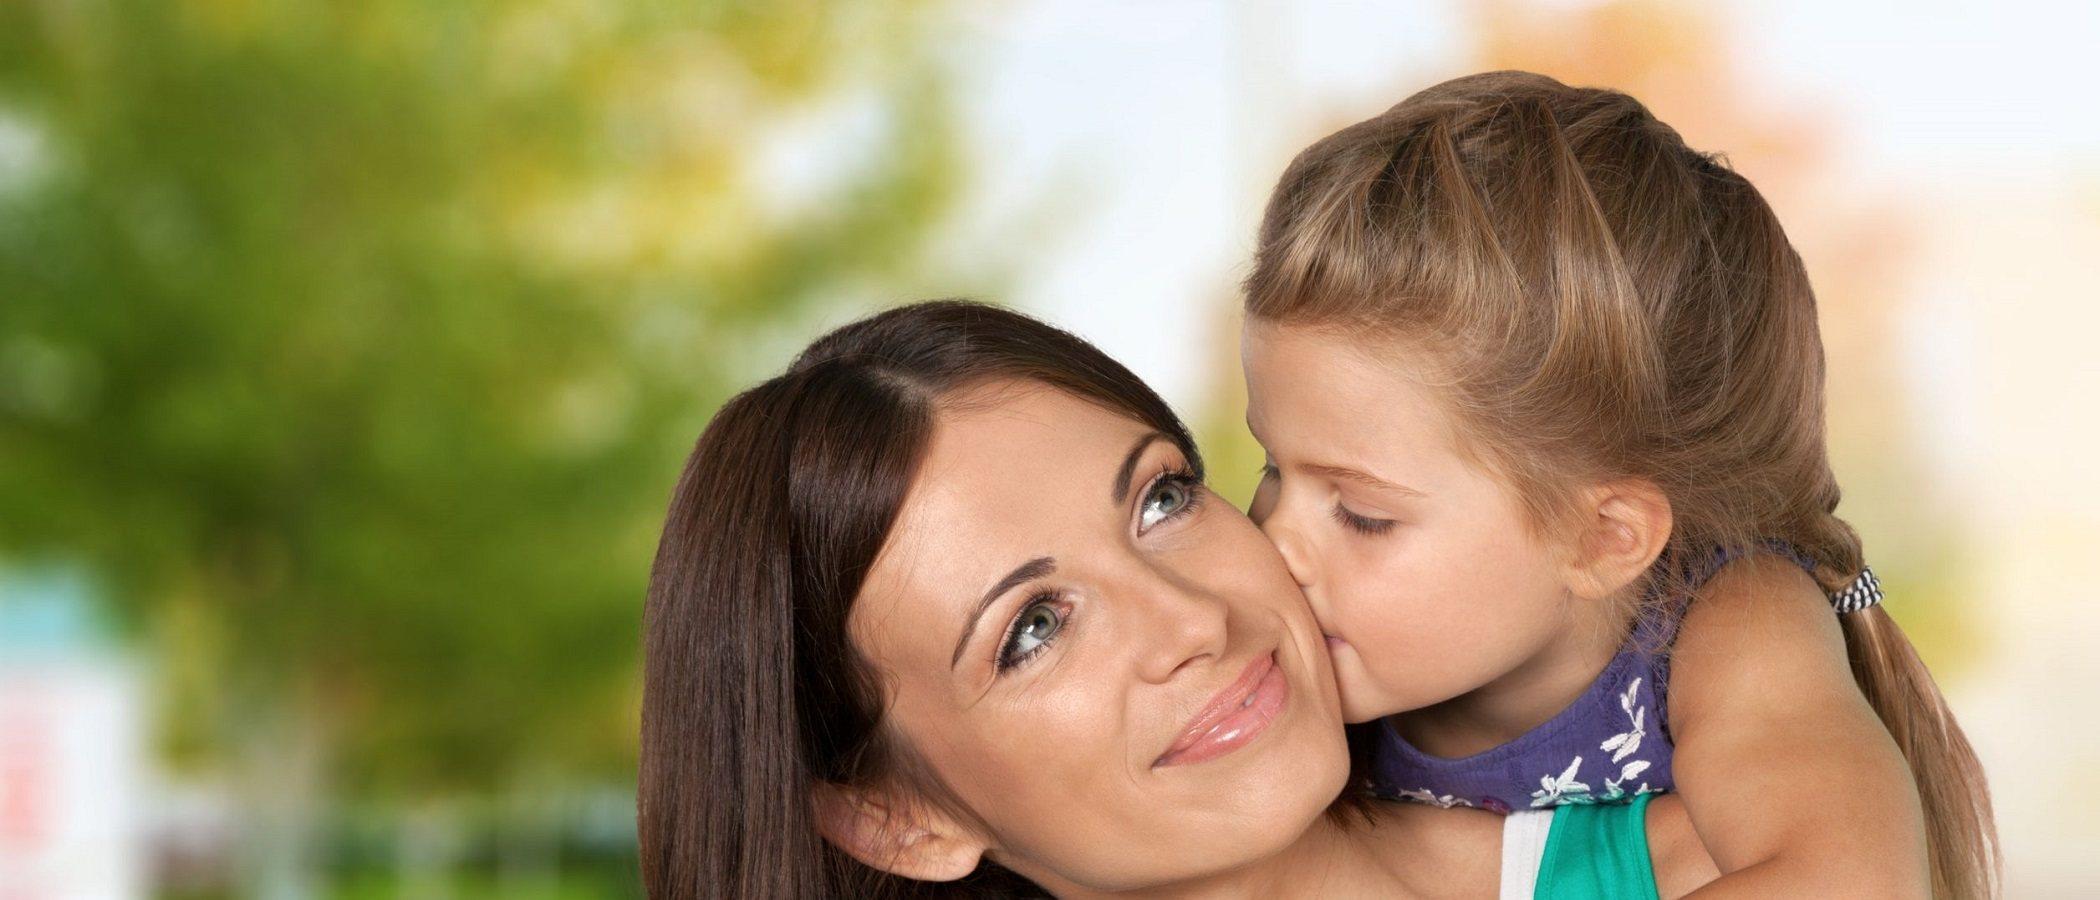 Por qué es importante el abrazar a tu hijo todos los días